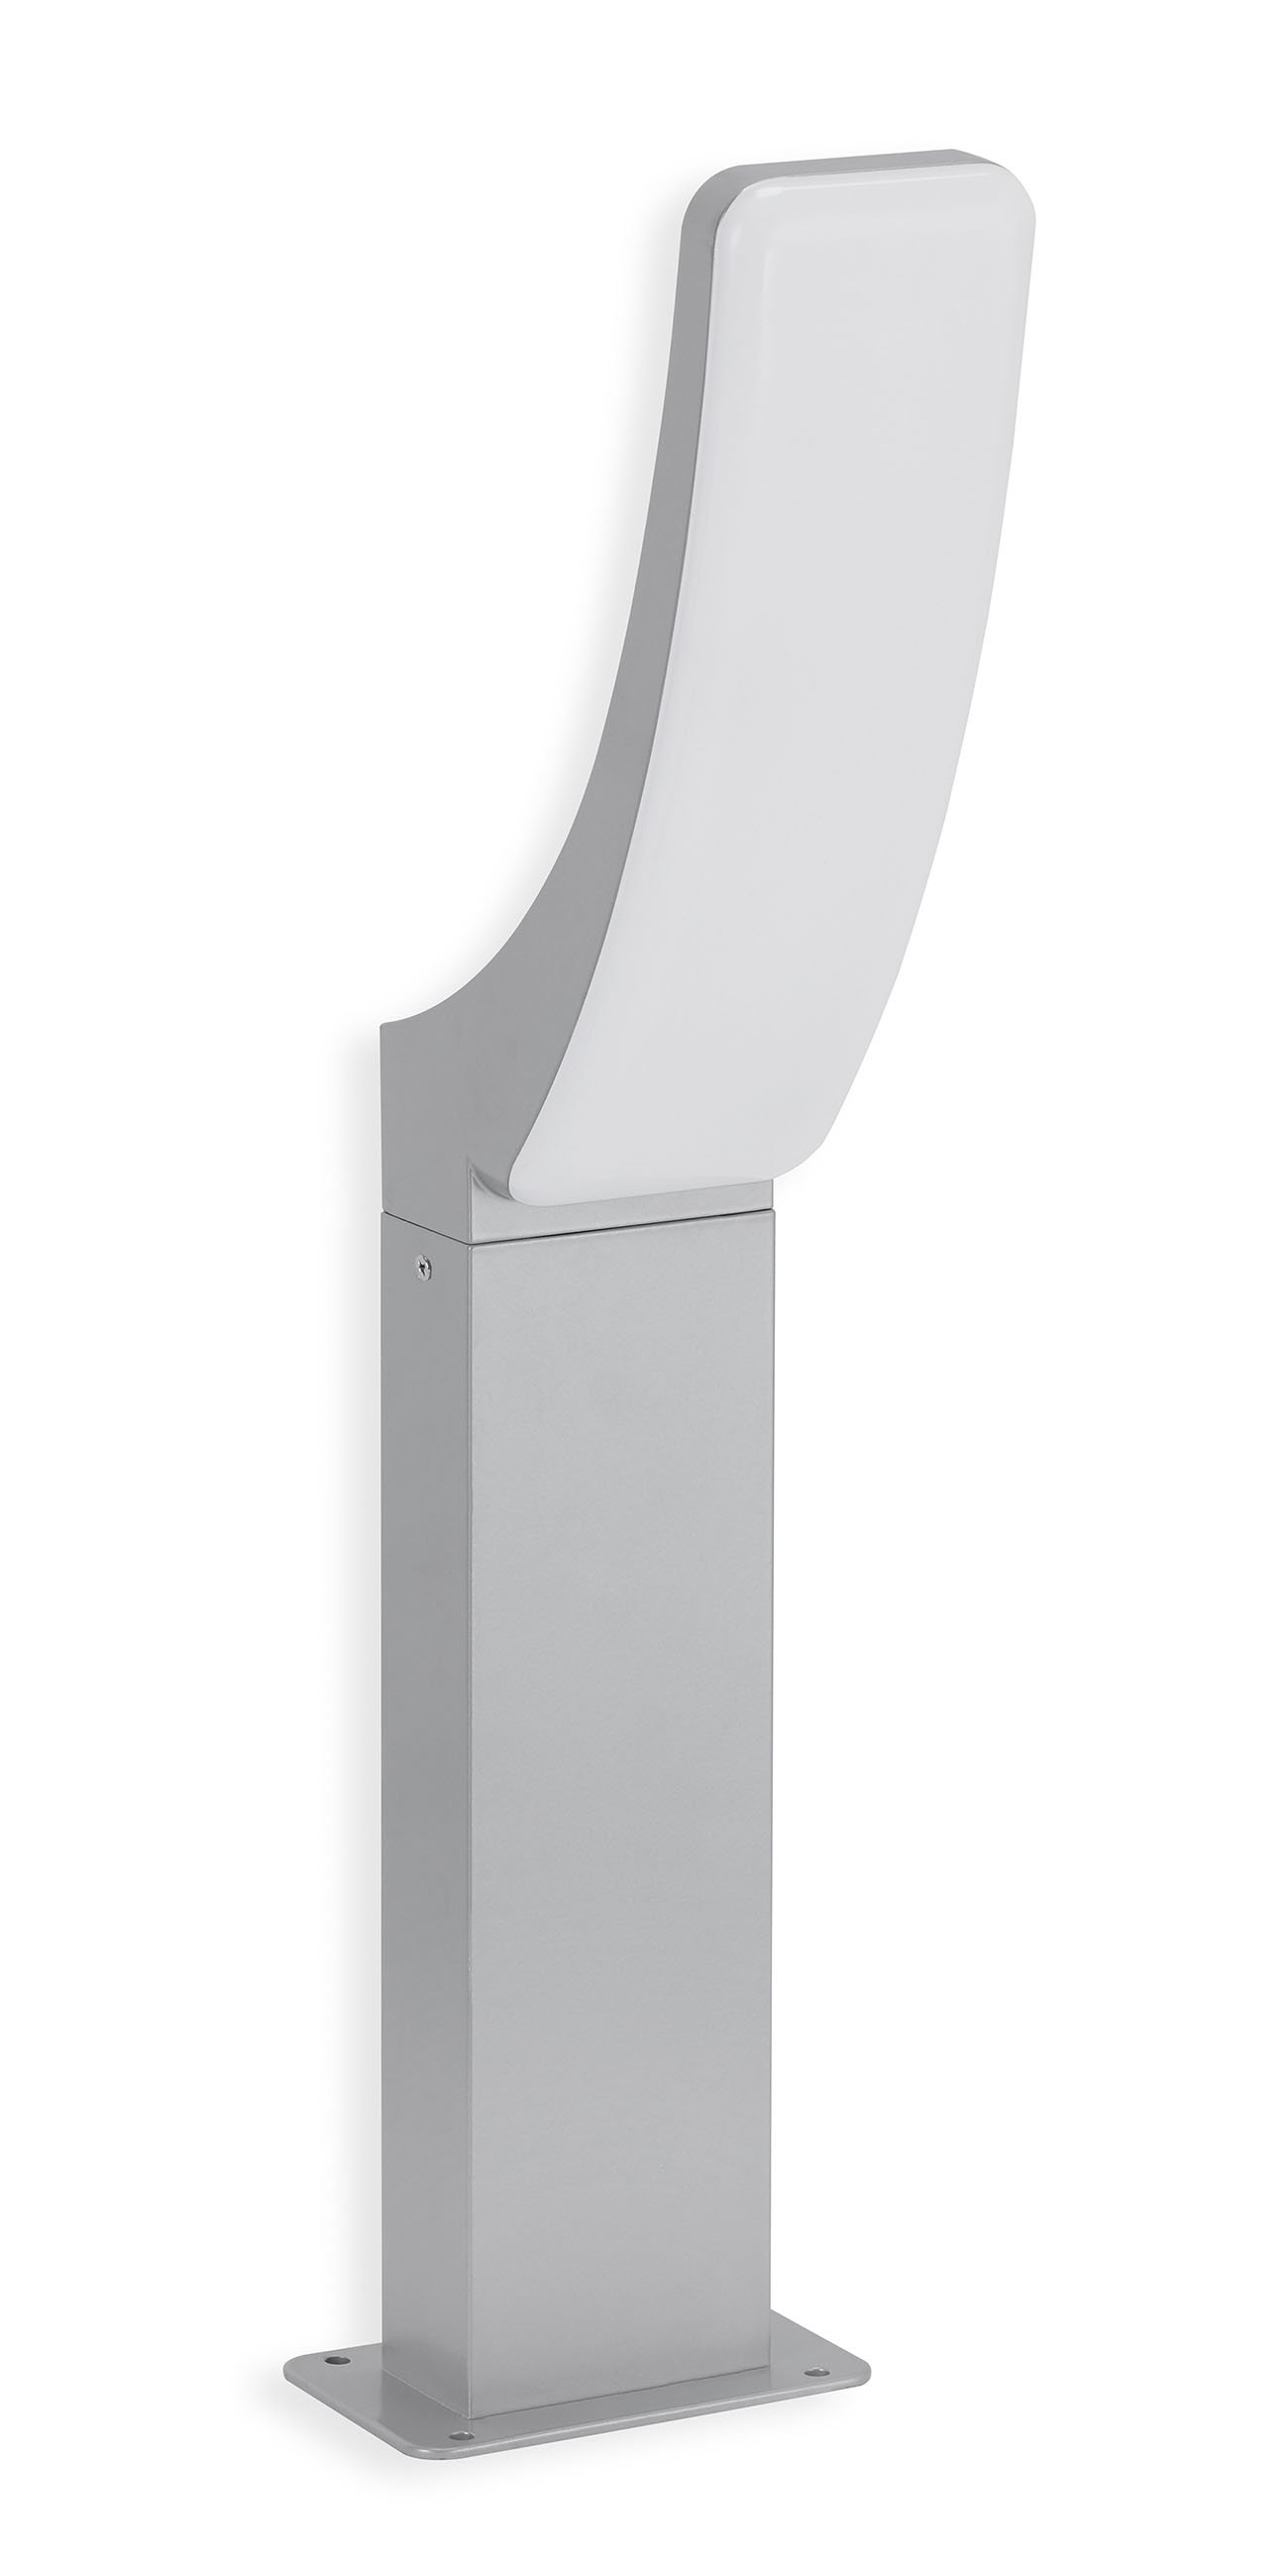 TELEFUNKEN LED Außenstehleuchte, 57 cm, 15 W, Silber